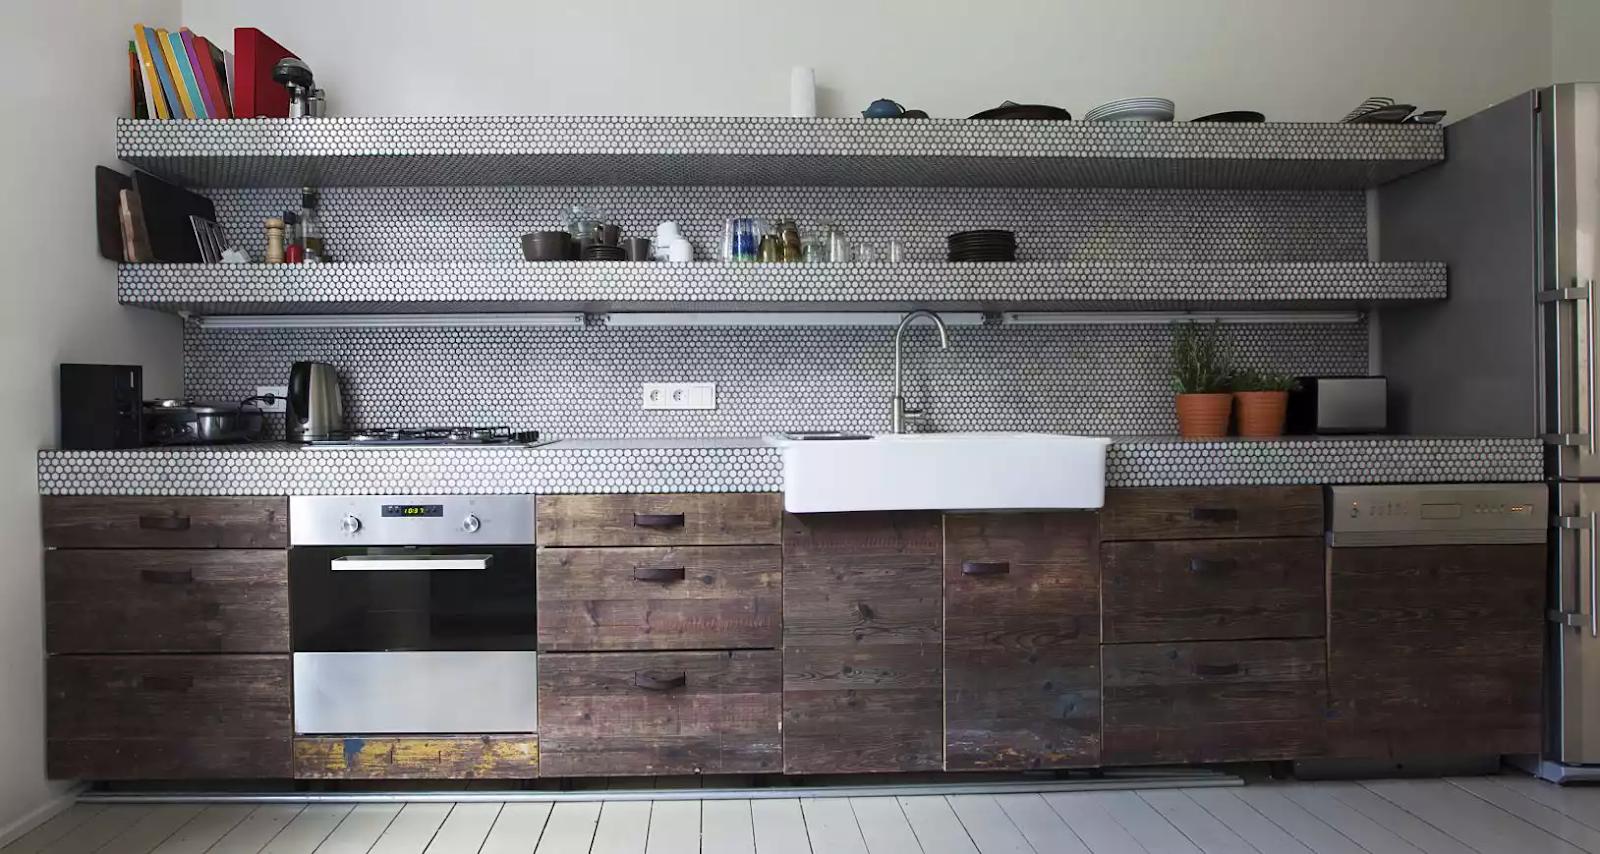 4 kiểu thiết kế phòng bếp phổ biến nhất trong năm 2021